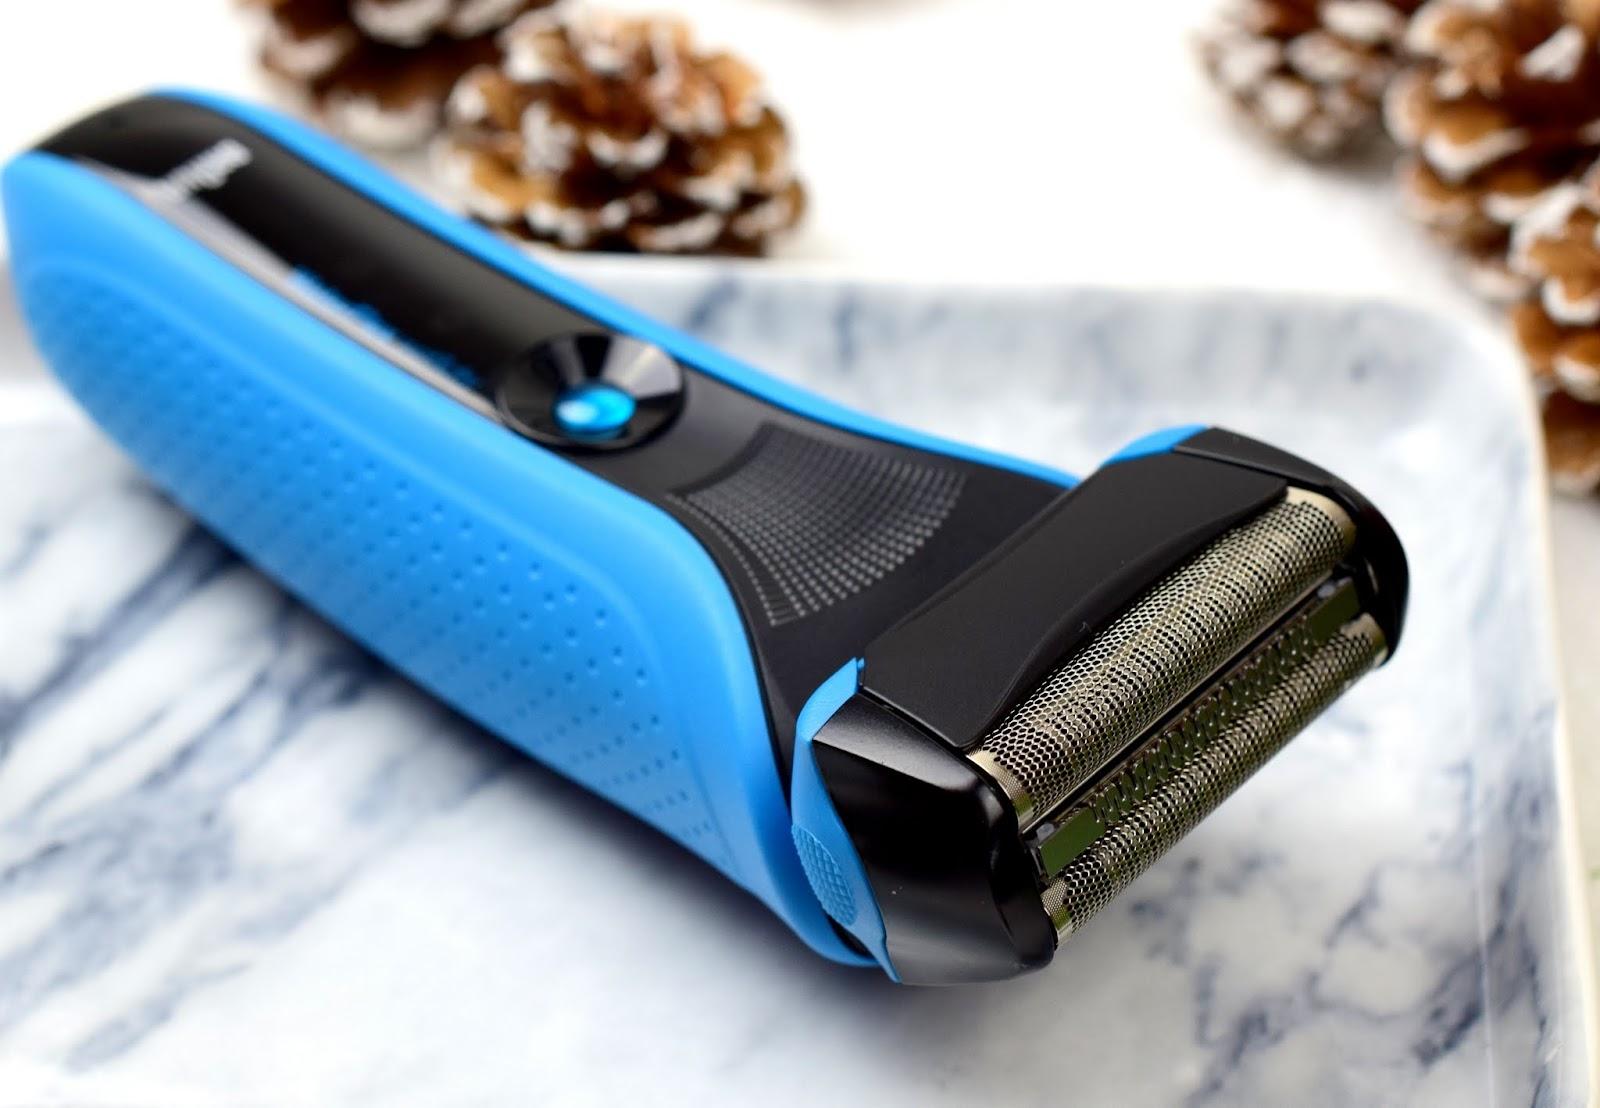 Adventskalender Gewinnspiel Türchen #11 Braun WaterFlex Rasierer